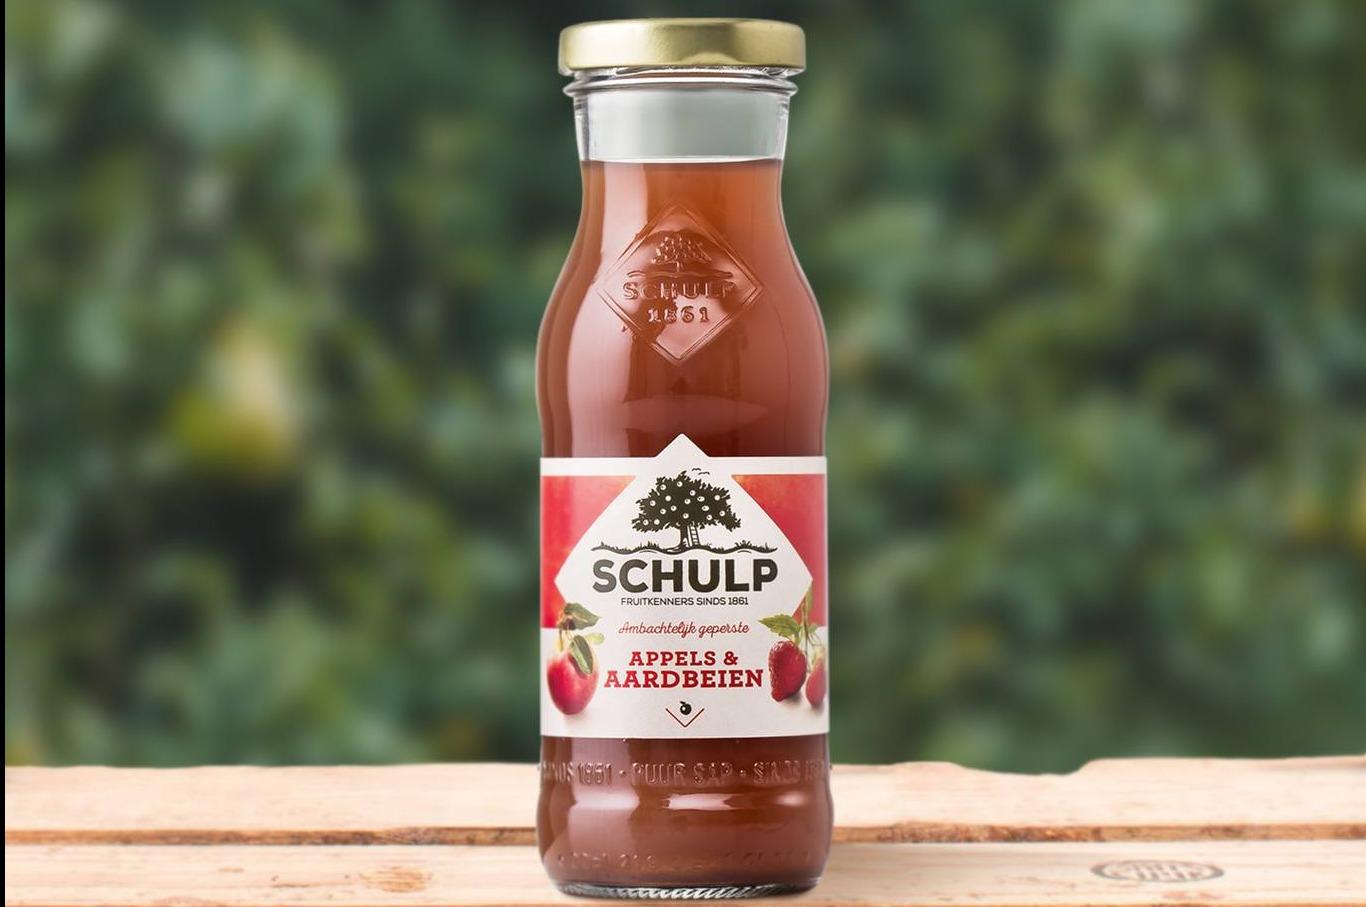 Appel - Aardbei Schulp 15 x 200 ml